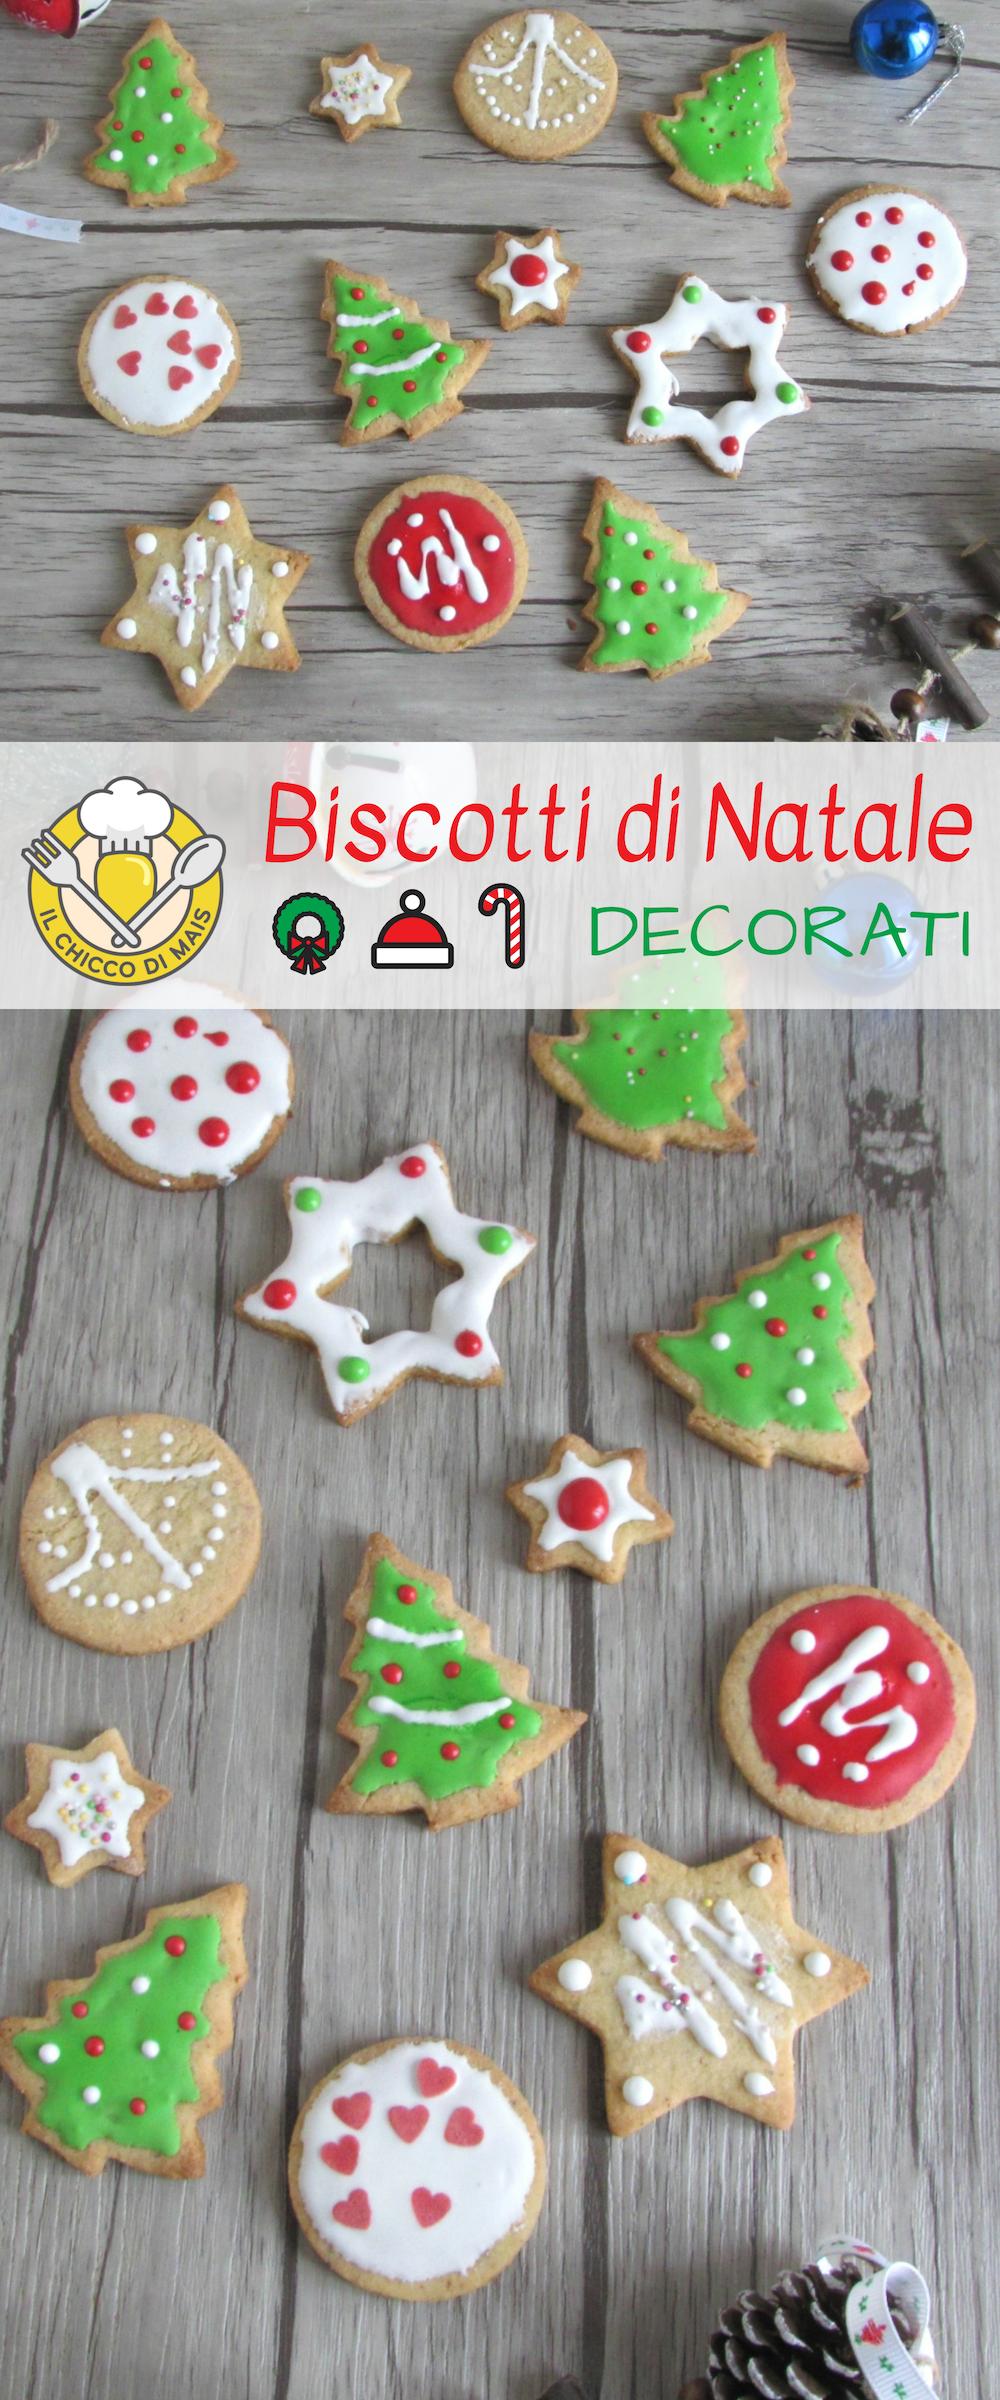 Biscotti Decorati Per Albero Di Natale.Biscotti Di Natale Decorati Con Glassa Colorata Da Appendere All